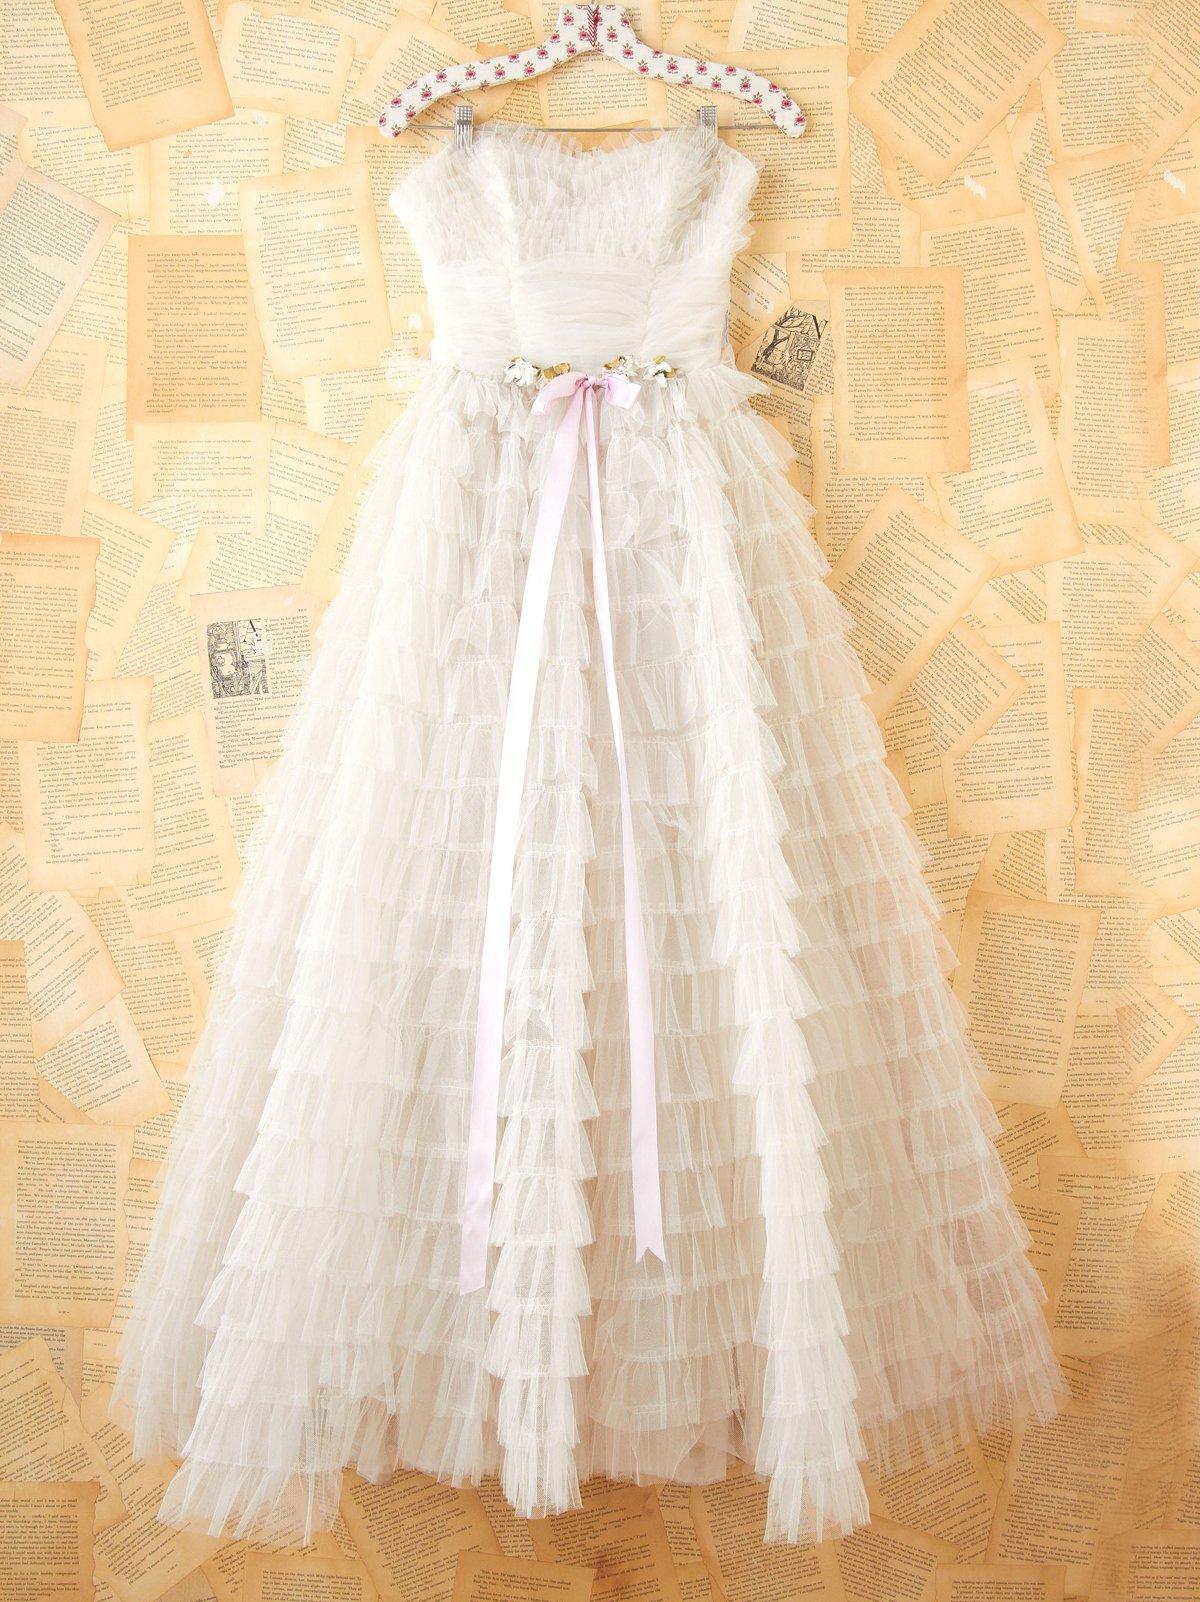 Vintage 1950s Princess Gown